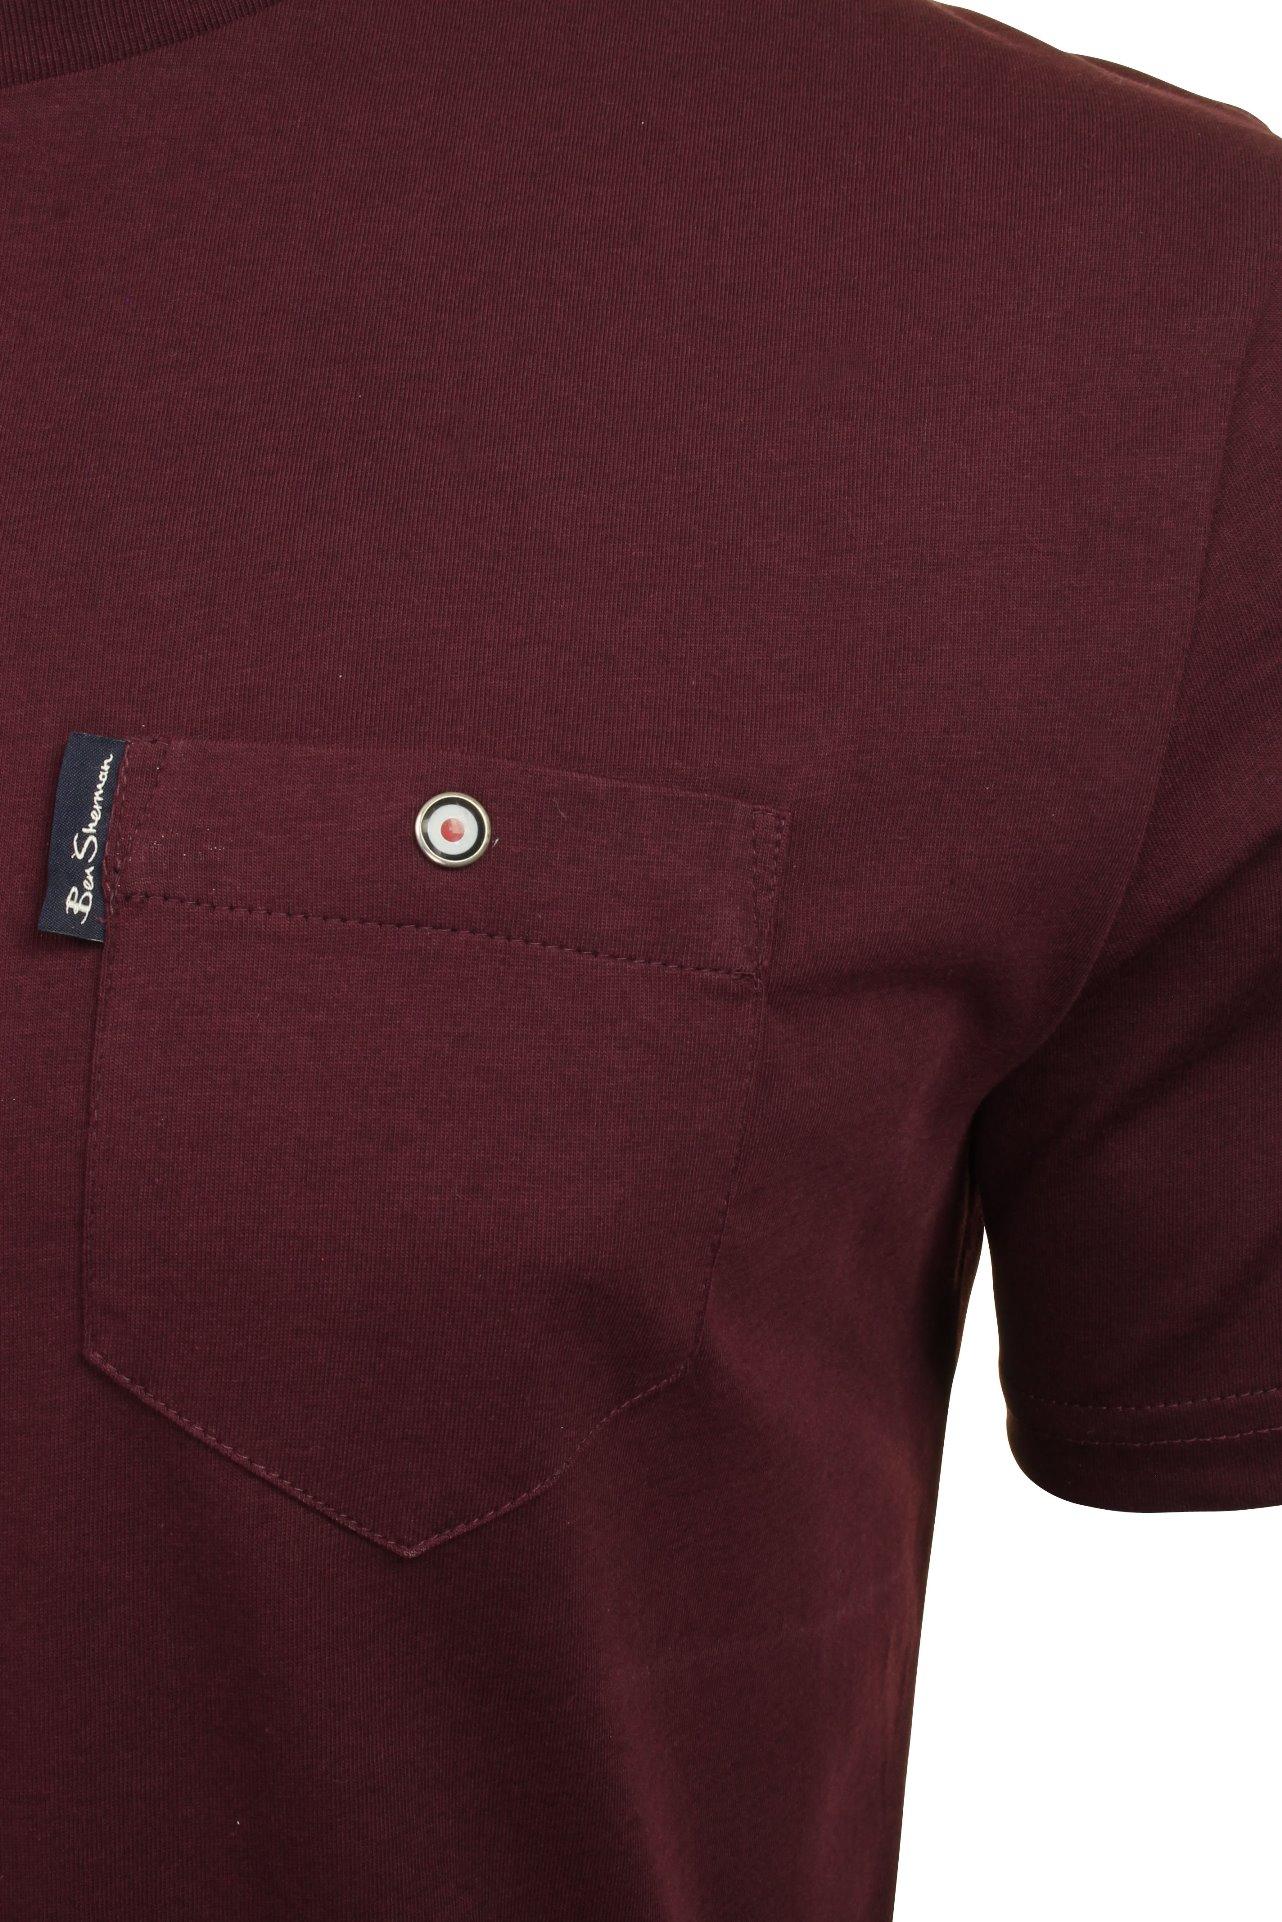 Para-Hombre-Clasico-Pala-Bolsillo-Camiseta-Por-Ben-Sherman miniatura 7